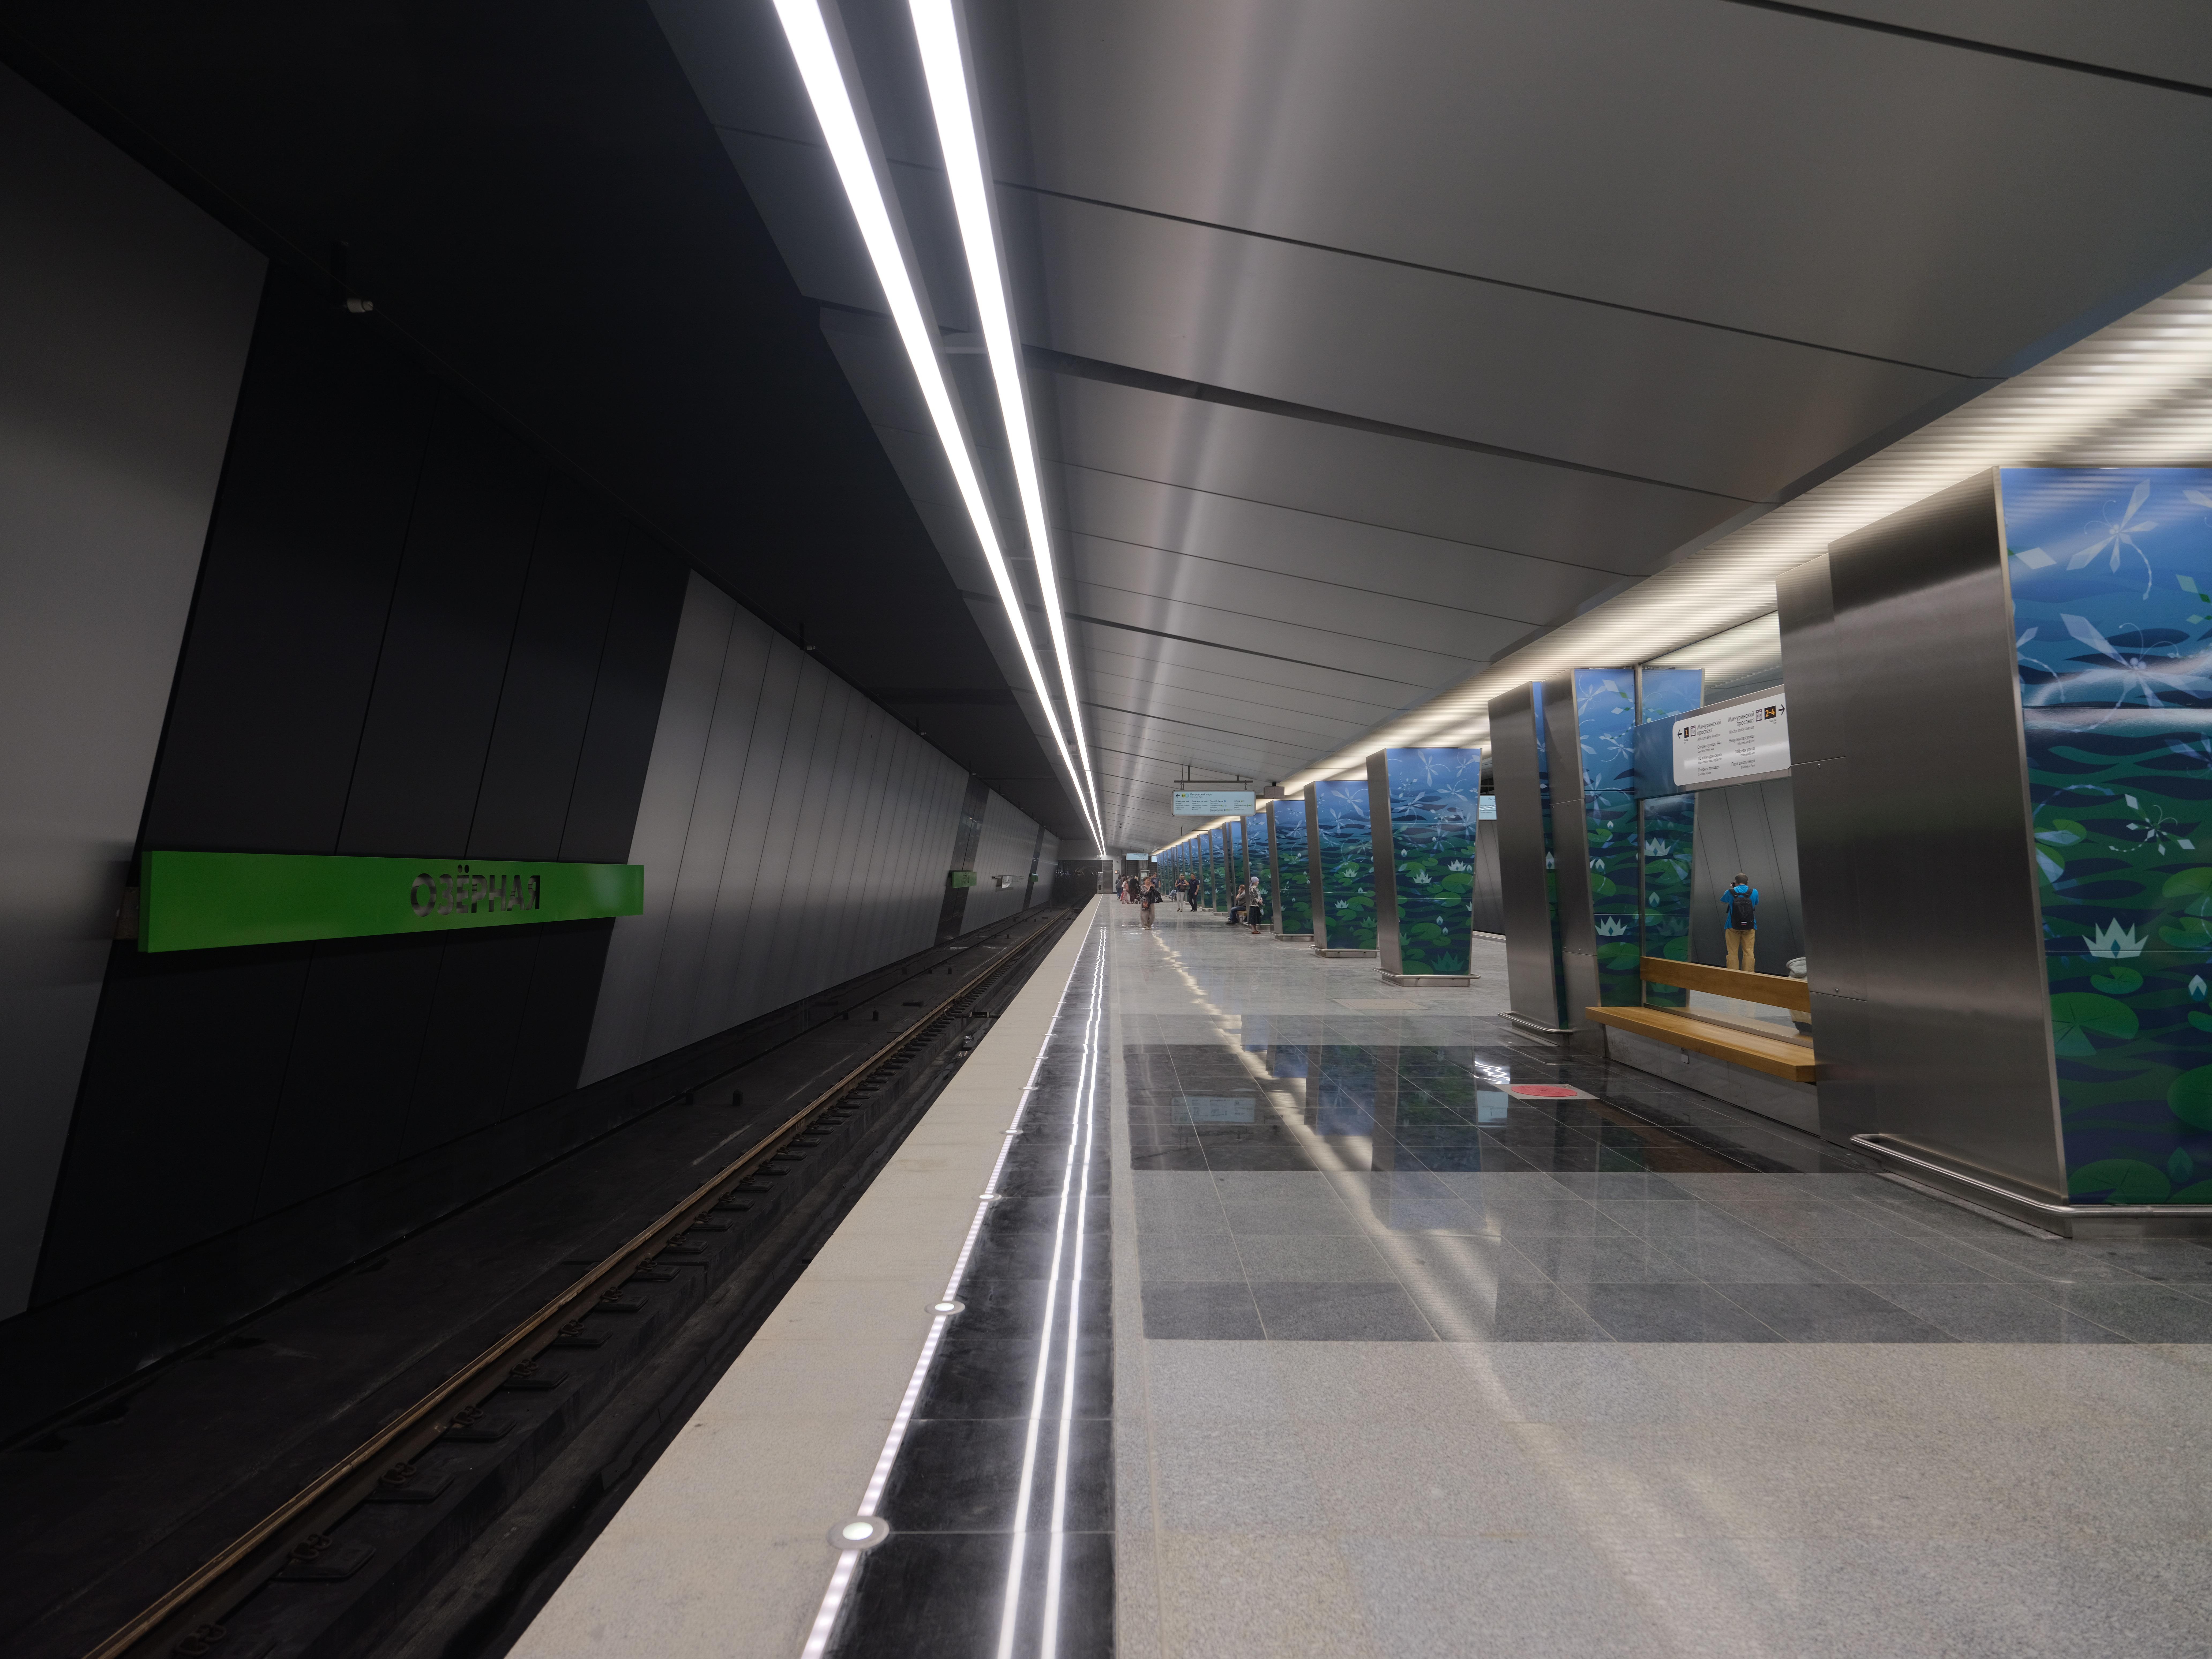 Открытие метро Очаково в 2019 году новые фото